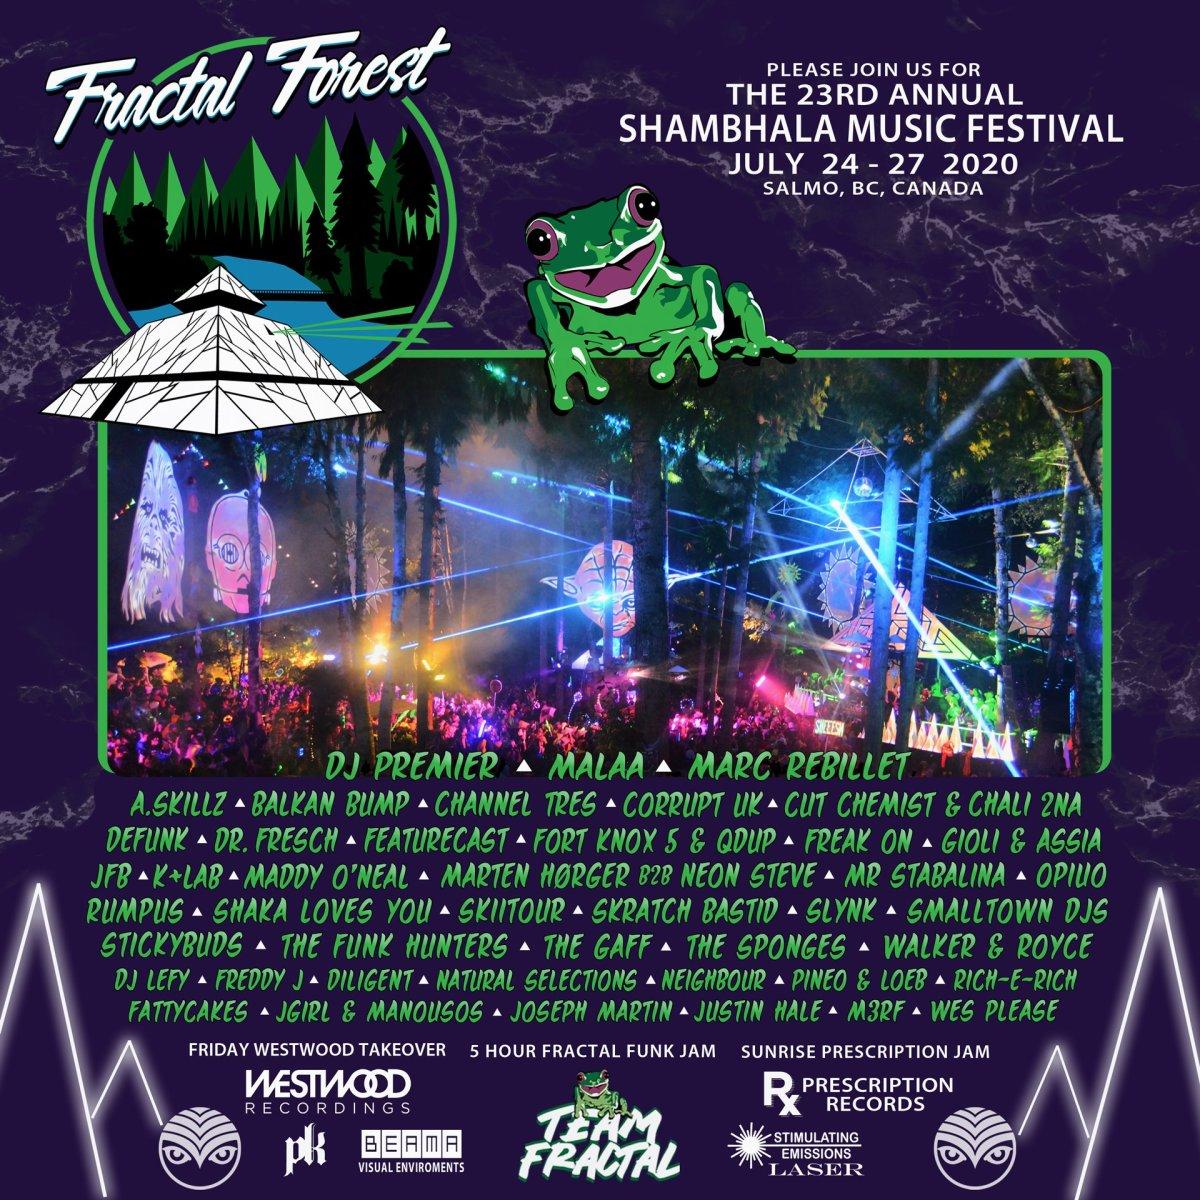 Shambhala Music Festival Fractal Forest Lineup 2020